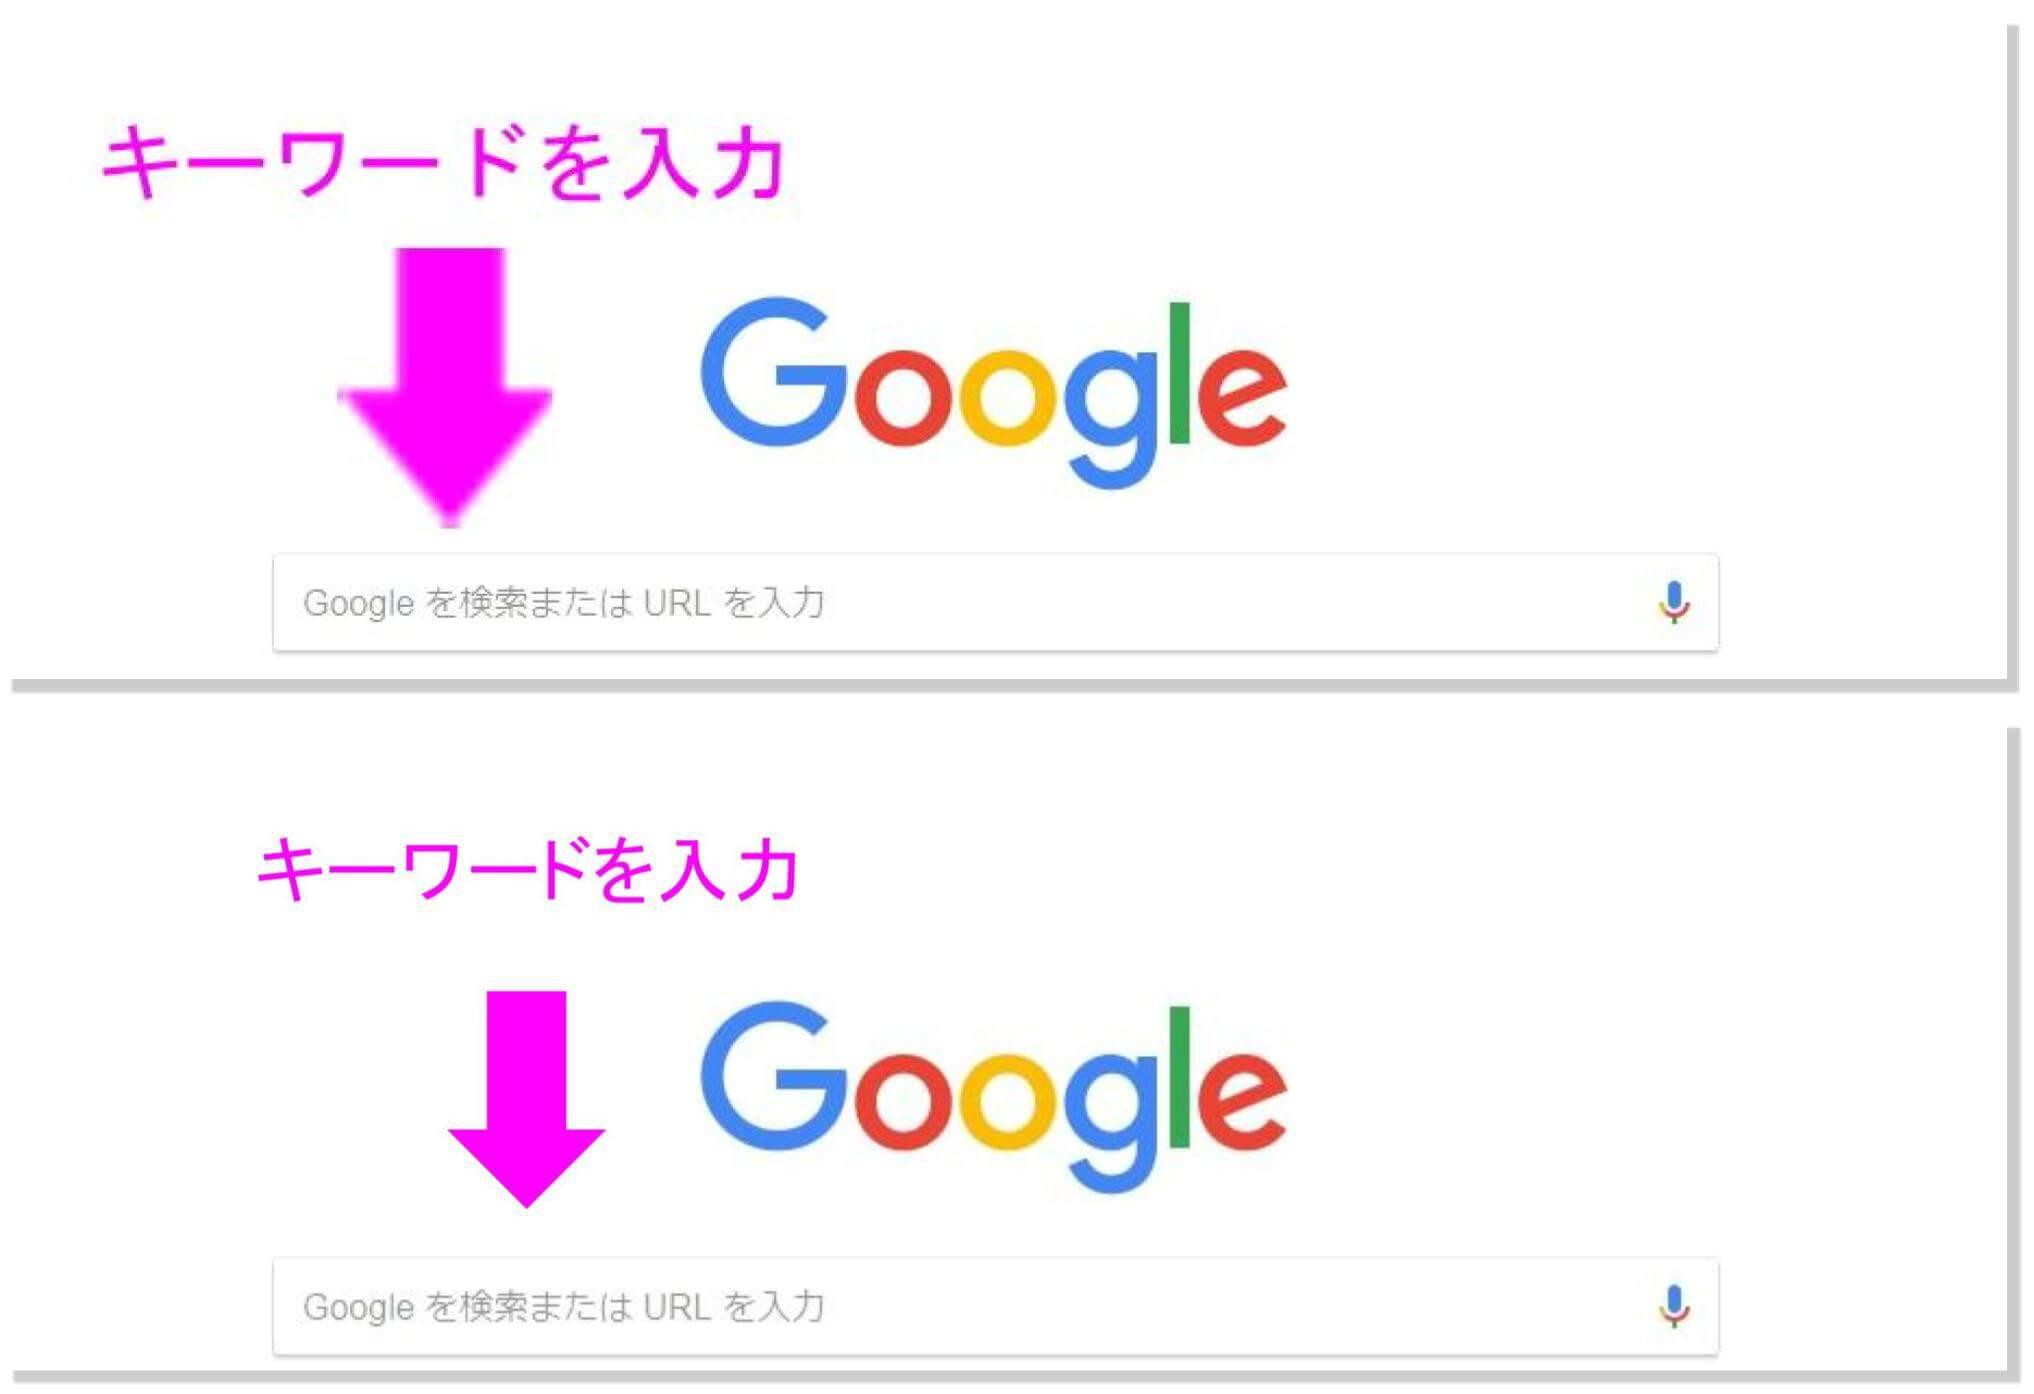 Google検索ウィンドウ 上GIMP2 下Google図形描画